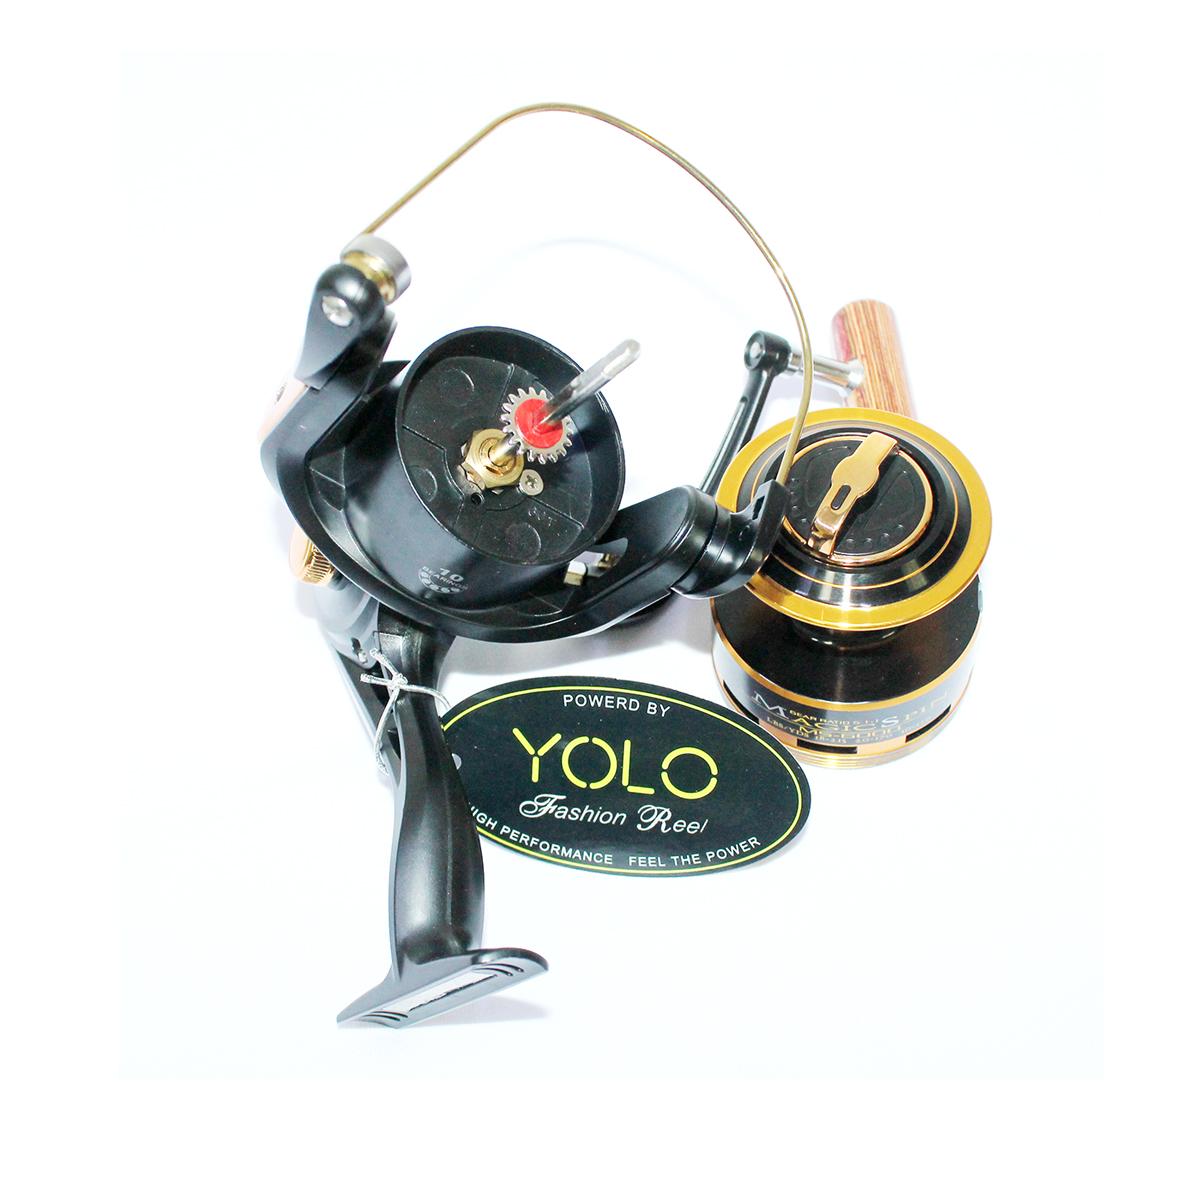 Máy Câu Cá Yolo Magic Spin MS6000 - Chính hãng bảo hành 3 tháng